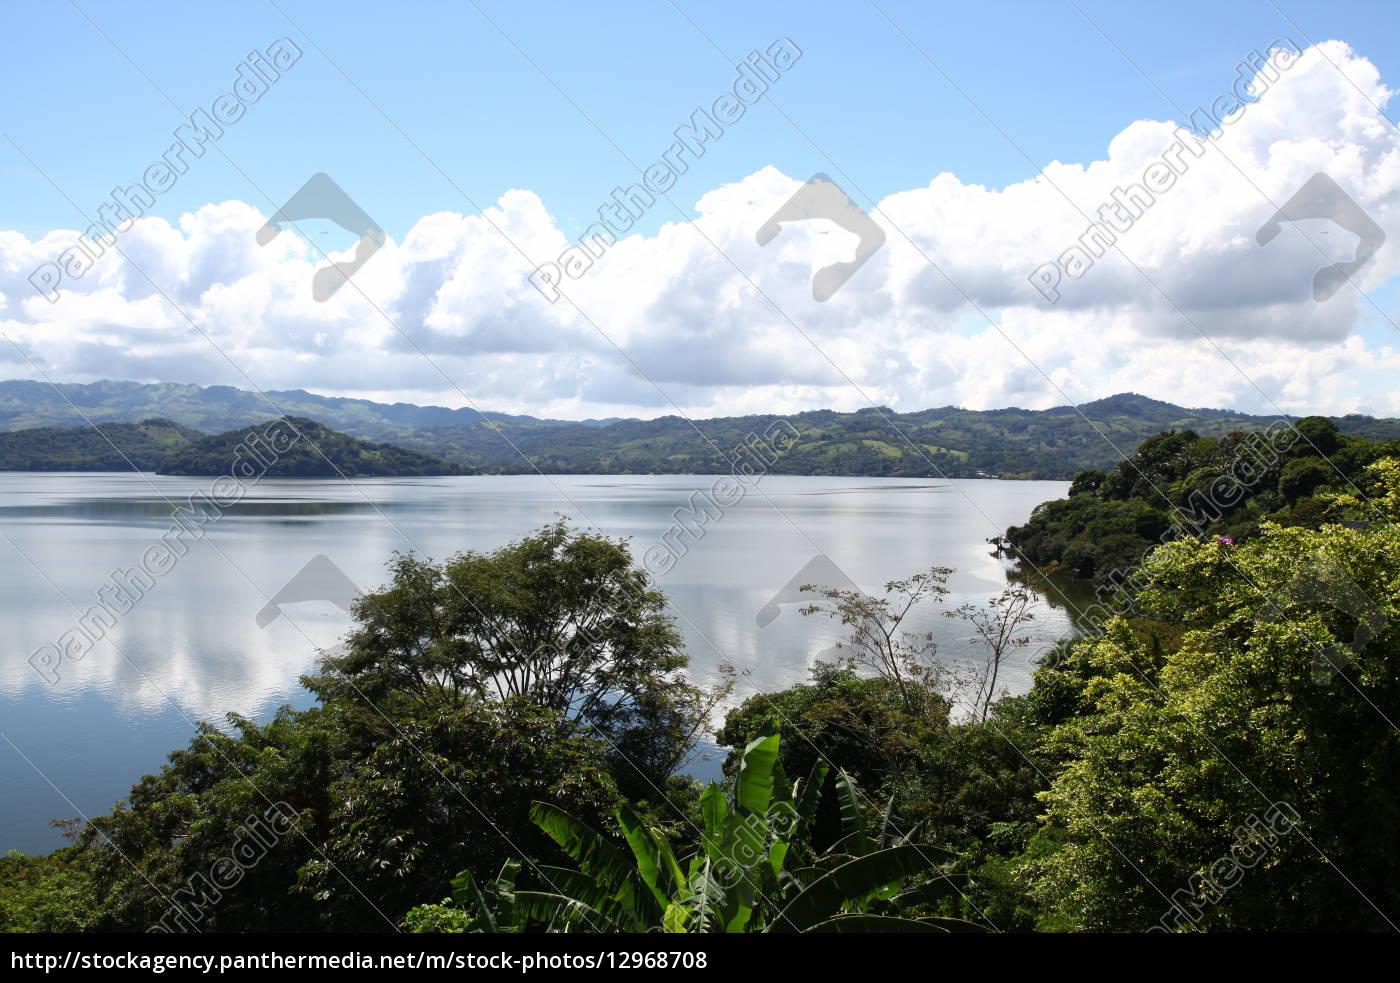 acque, vacanza, vacanze, cielo, firmamento, acqua salata - 12968708